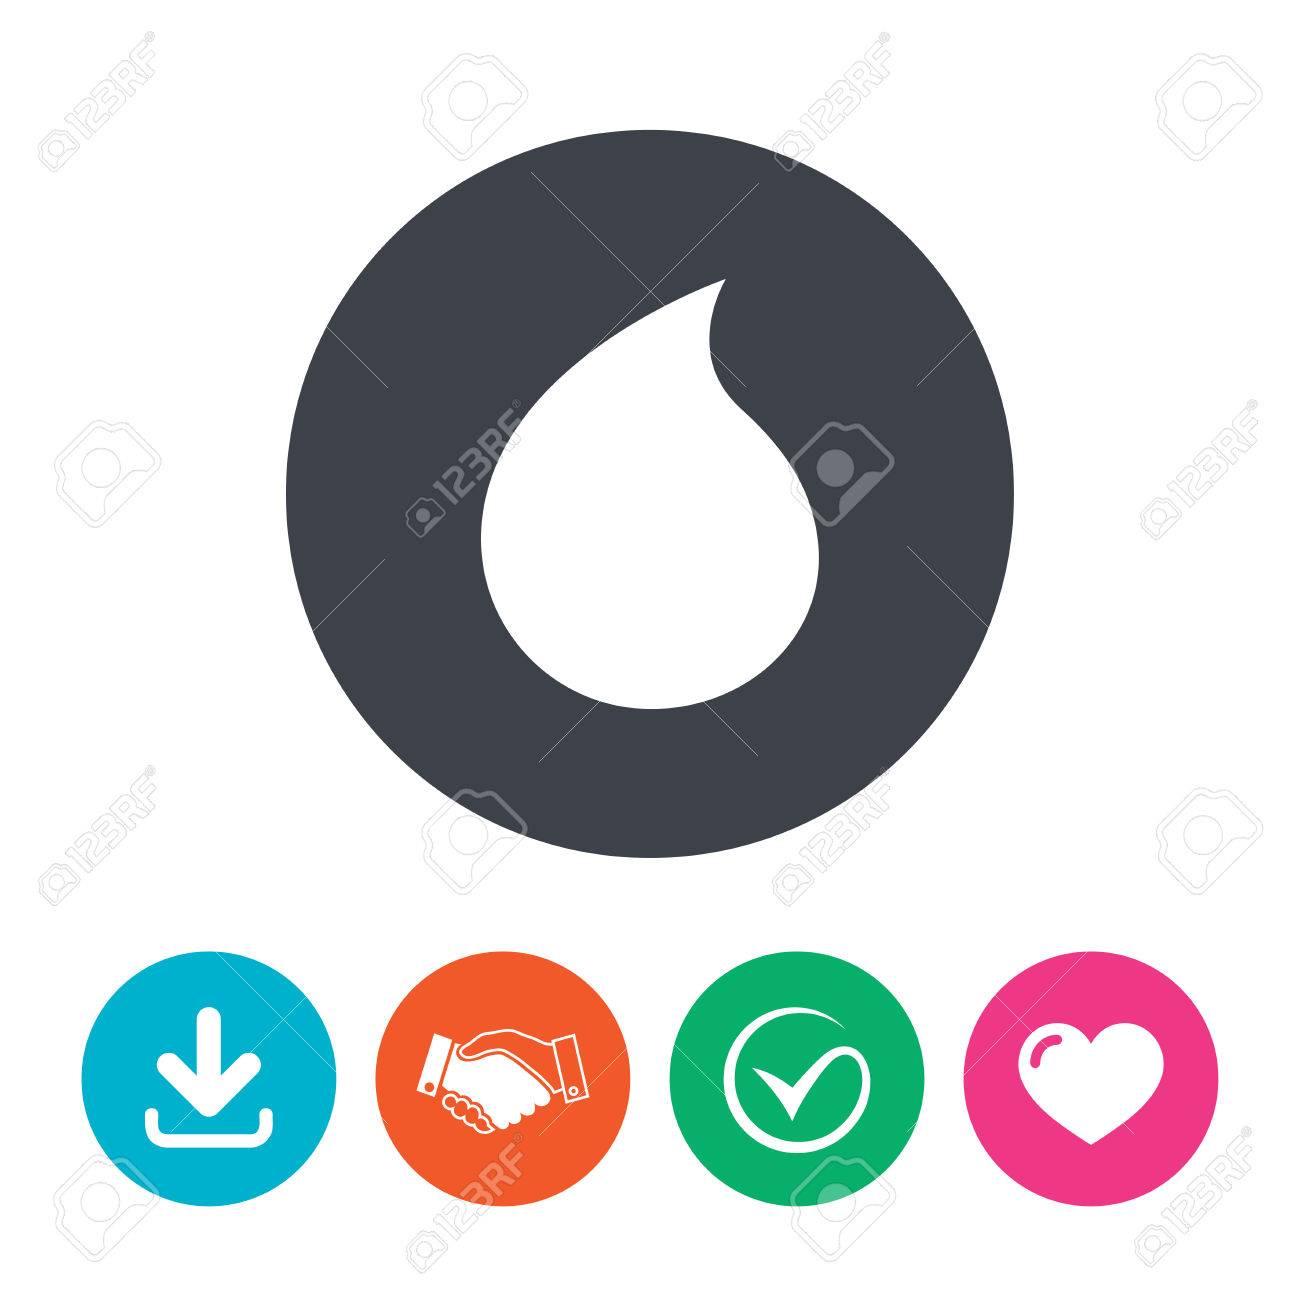 Symbole de carte de crédit pour télécharger. Vector. Icône dorée.